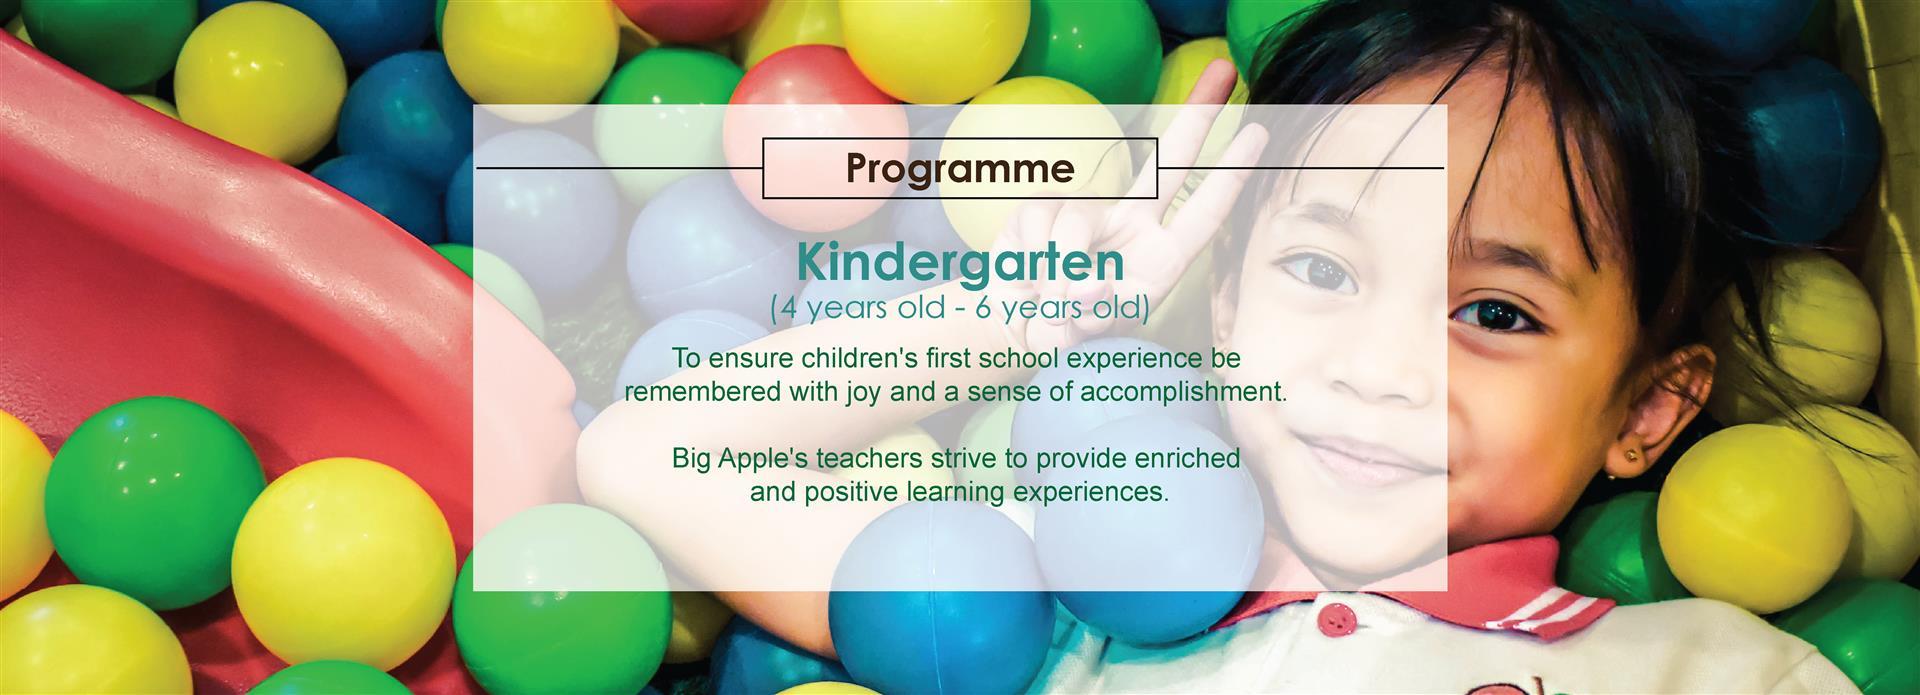 kindergarten-01 (Large)